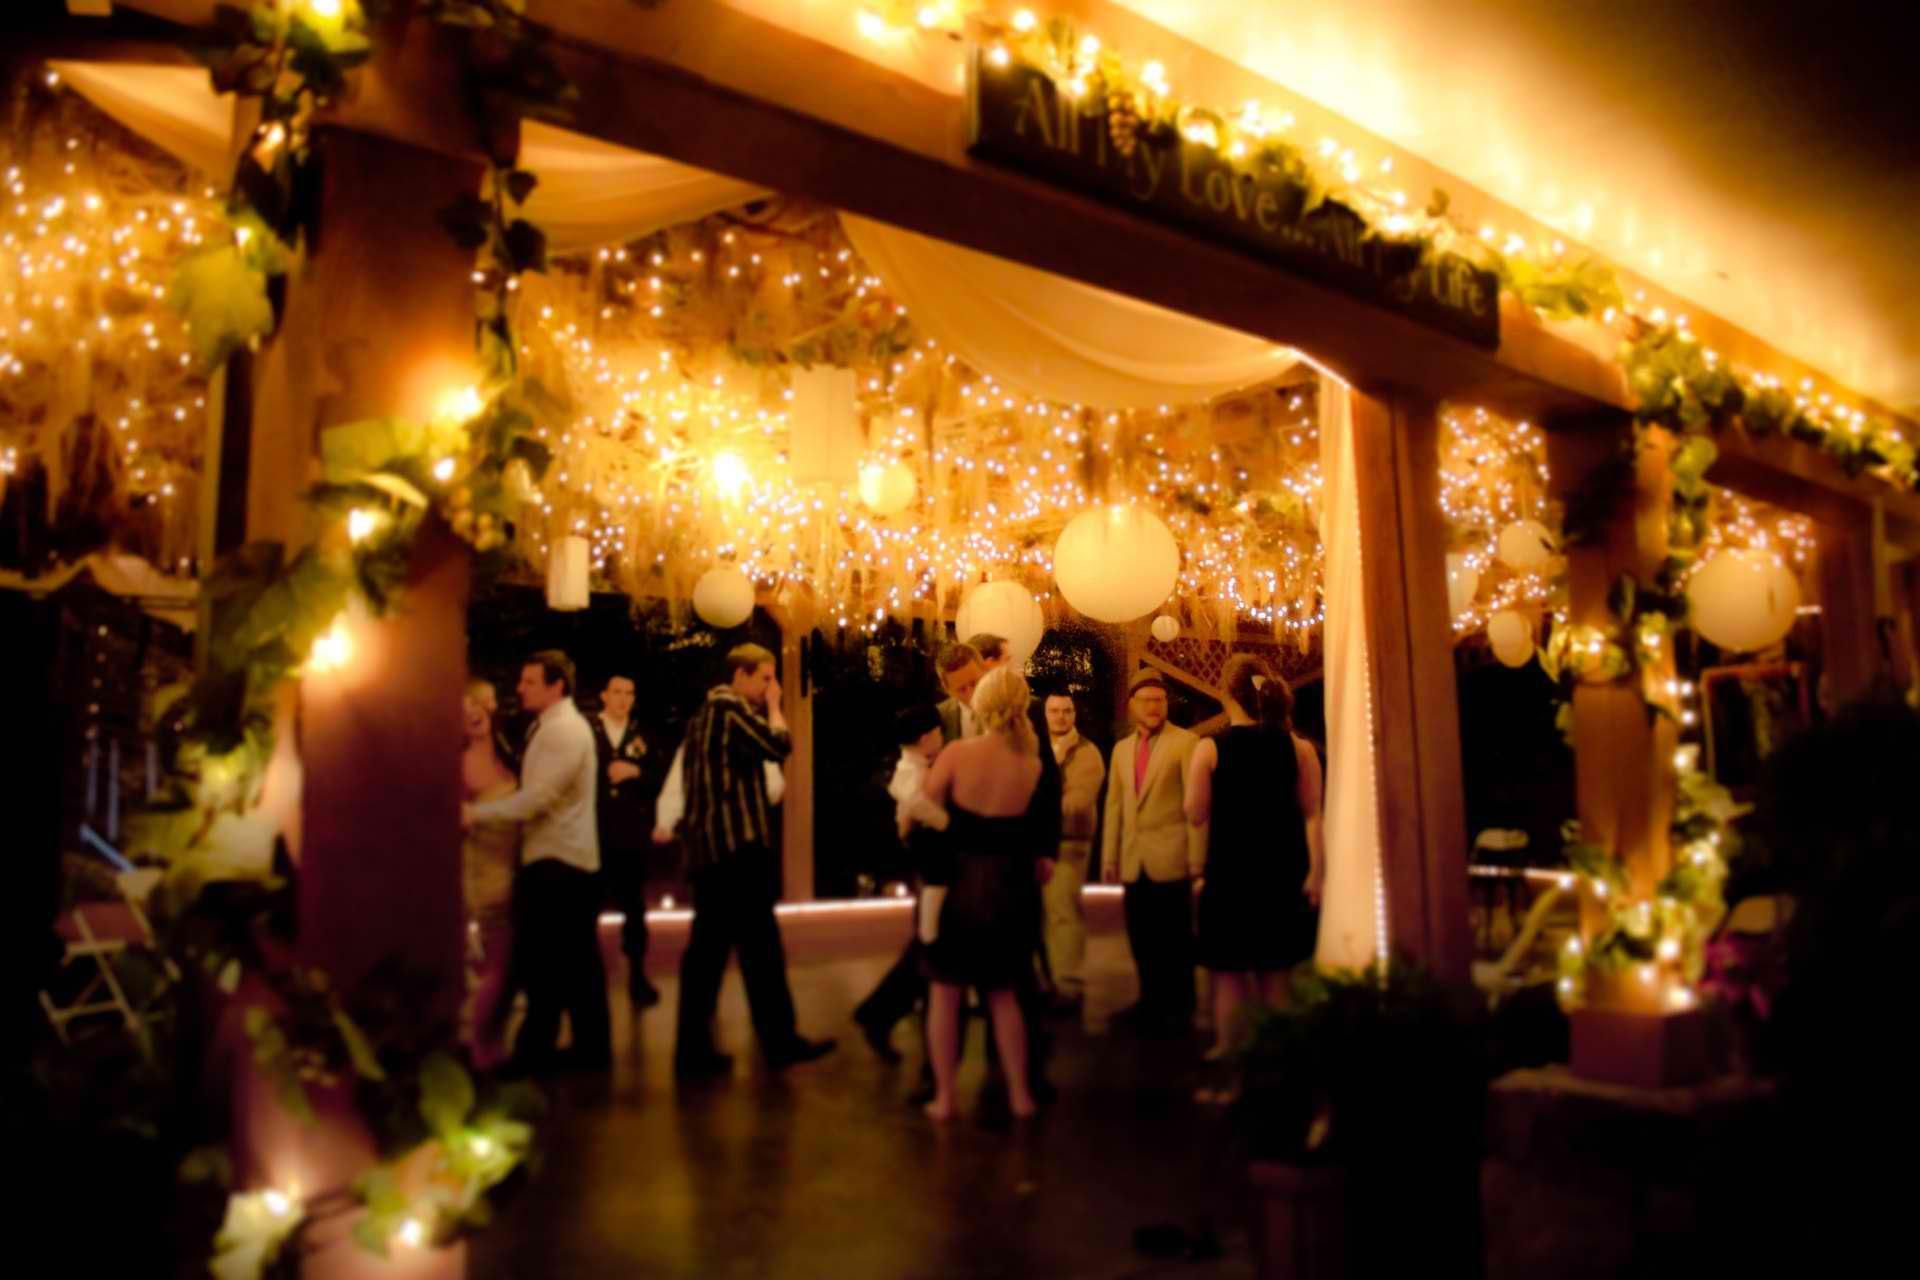 Cheers chalet dance floor - The dancing chalet ...